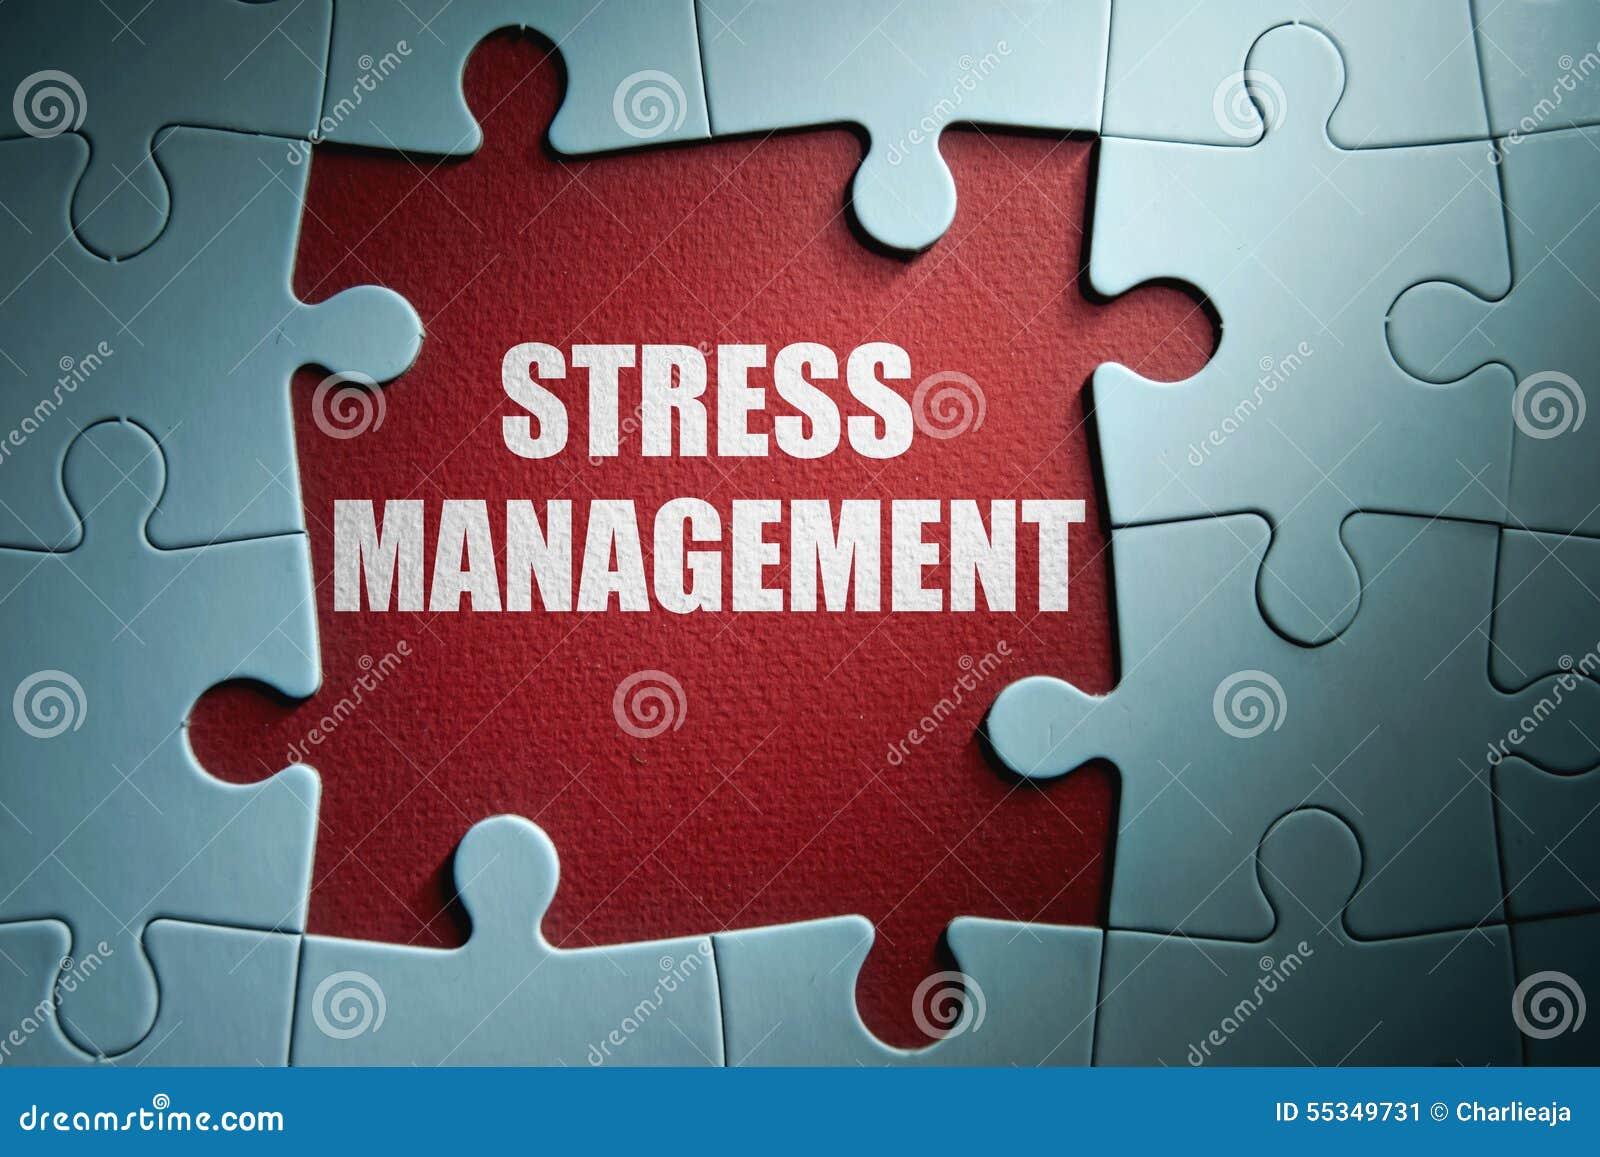 Stress Management Stock Photo Image 55349731